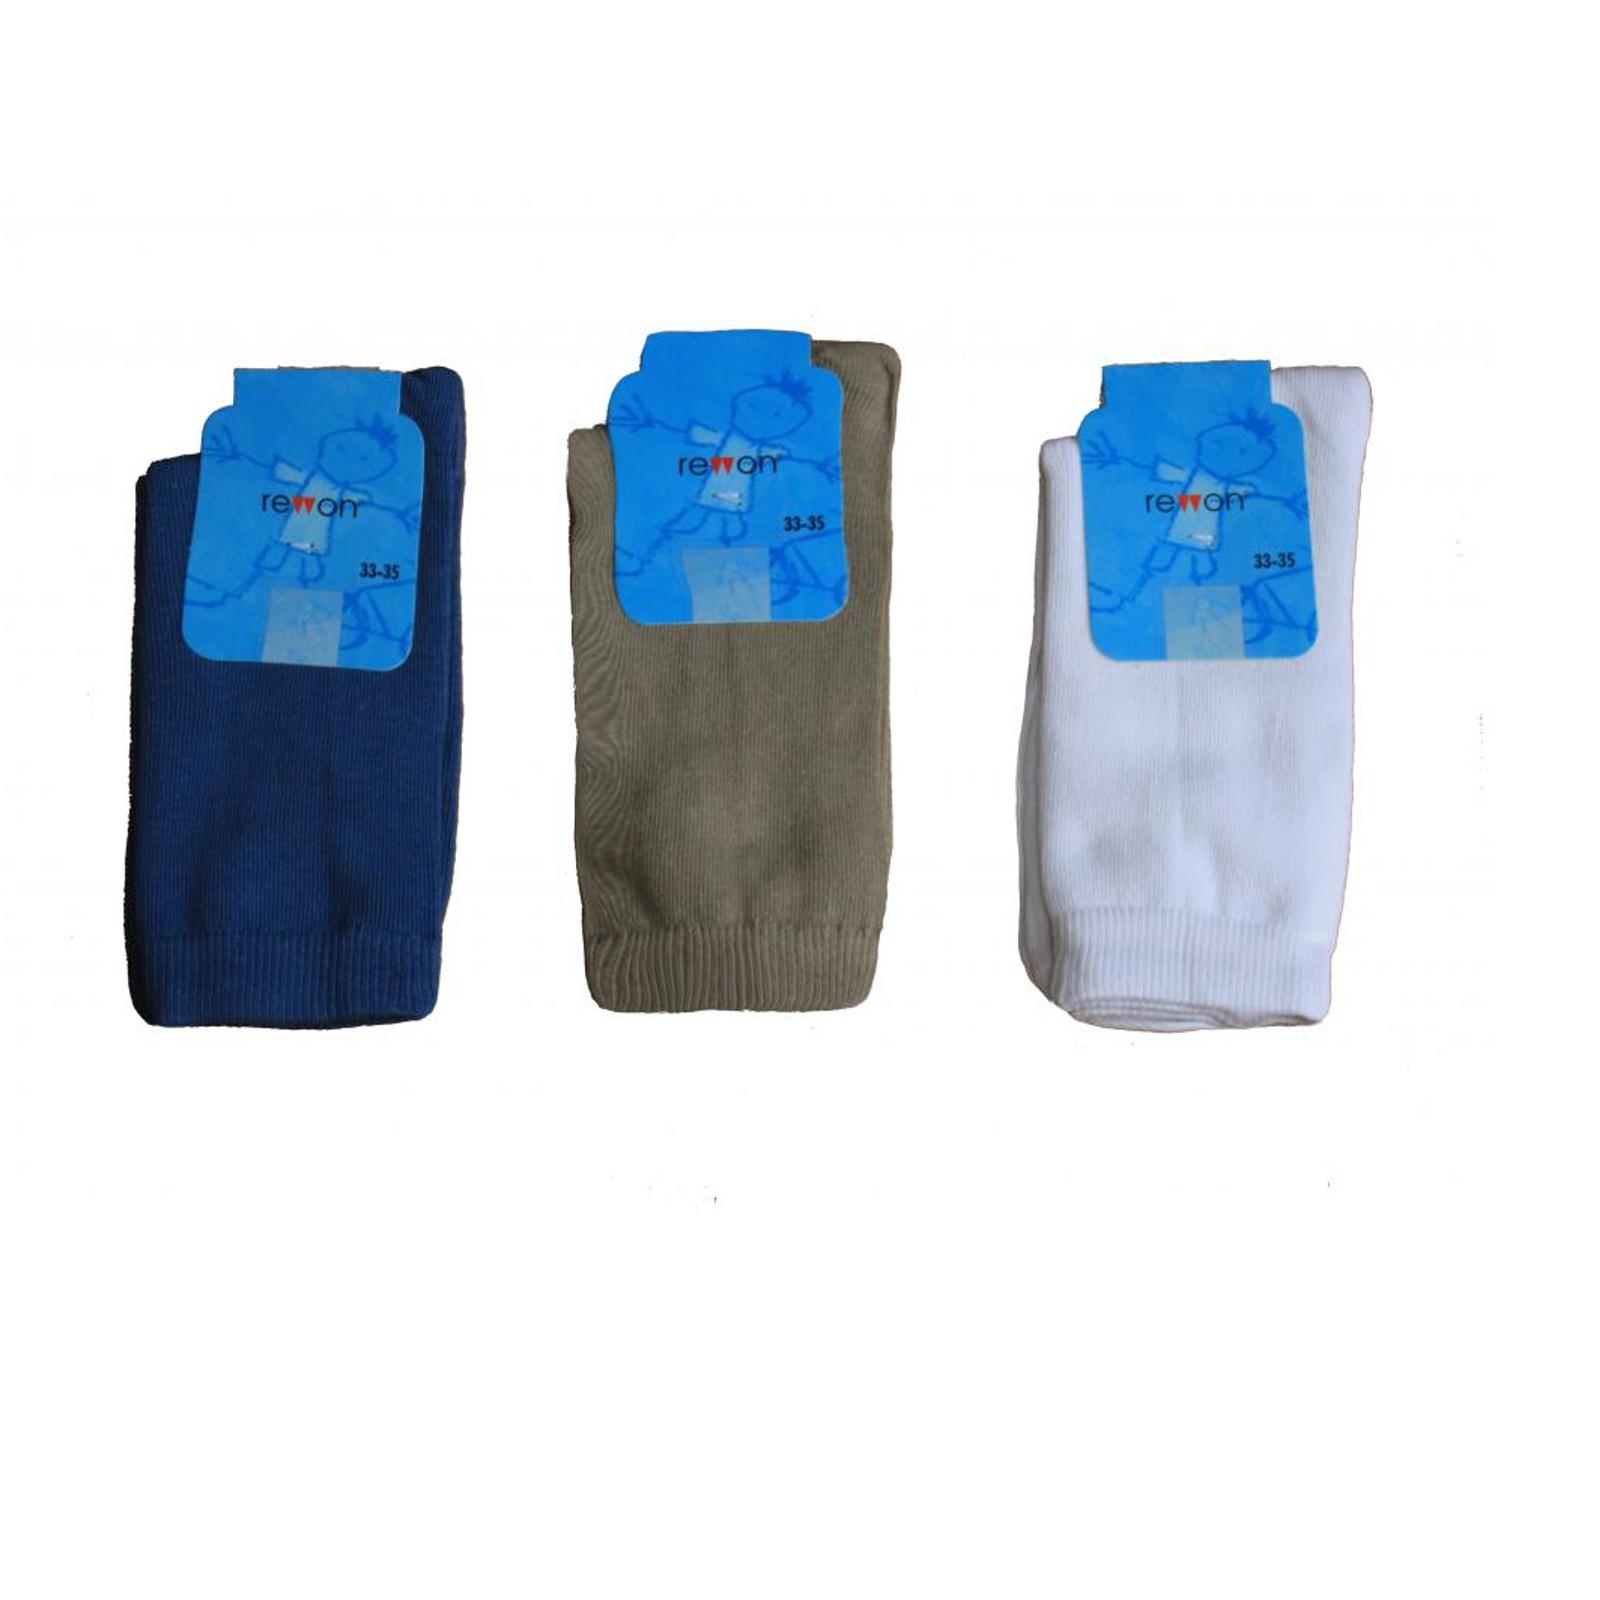 Носки Rewon гладкие размер 7-8 см